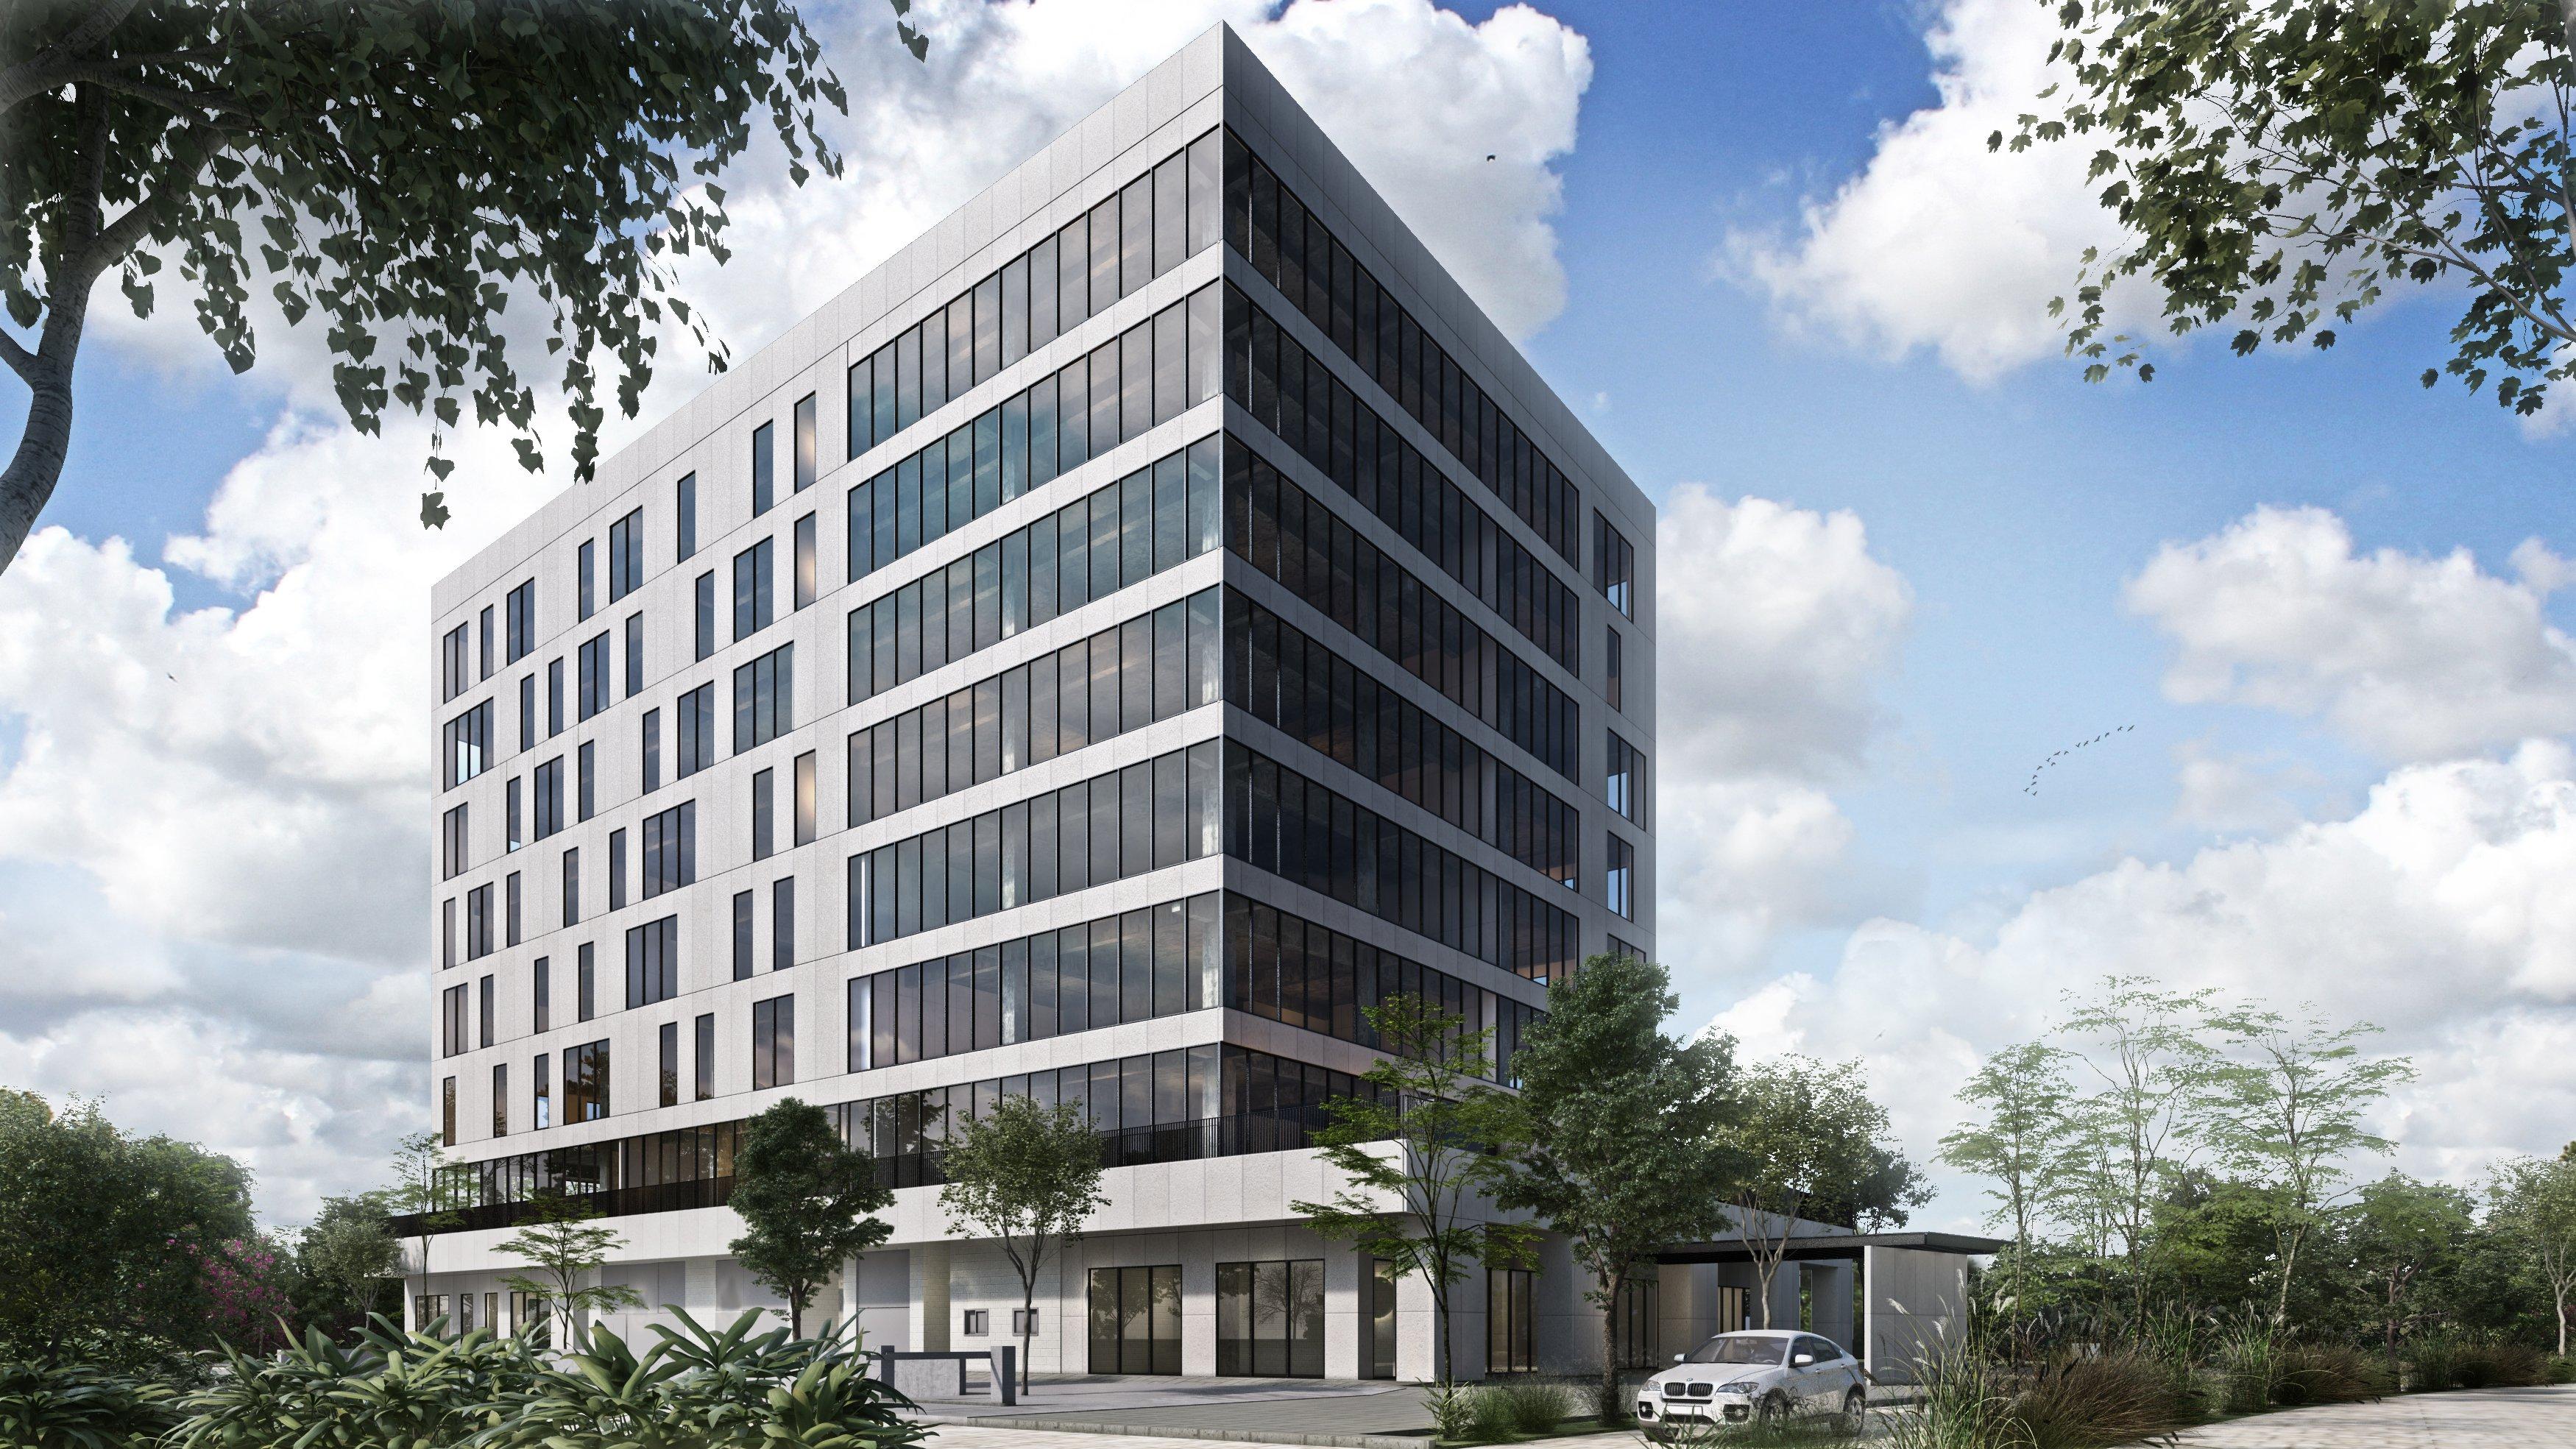 Vista frontal de proyecto Inmobilia, Torre Dos parque corporativo.